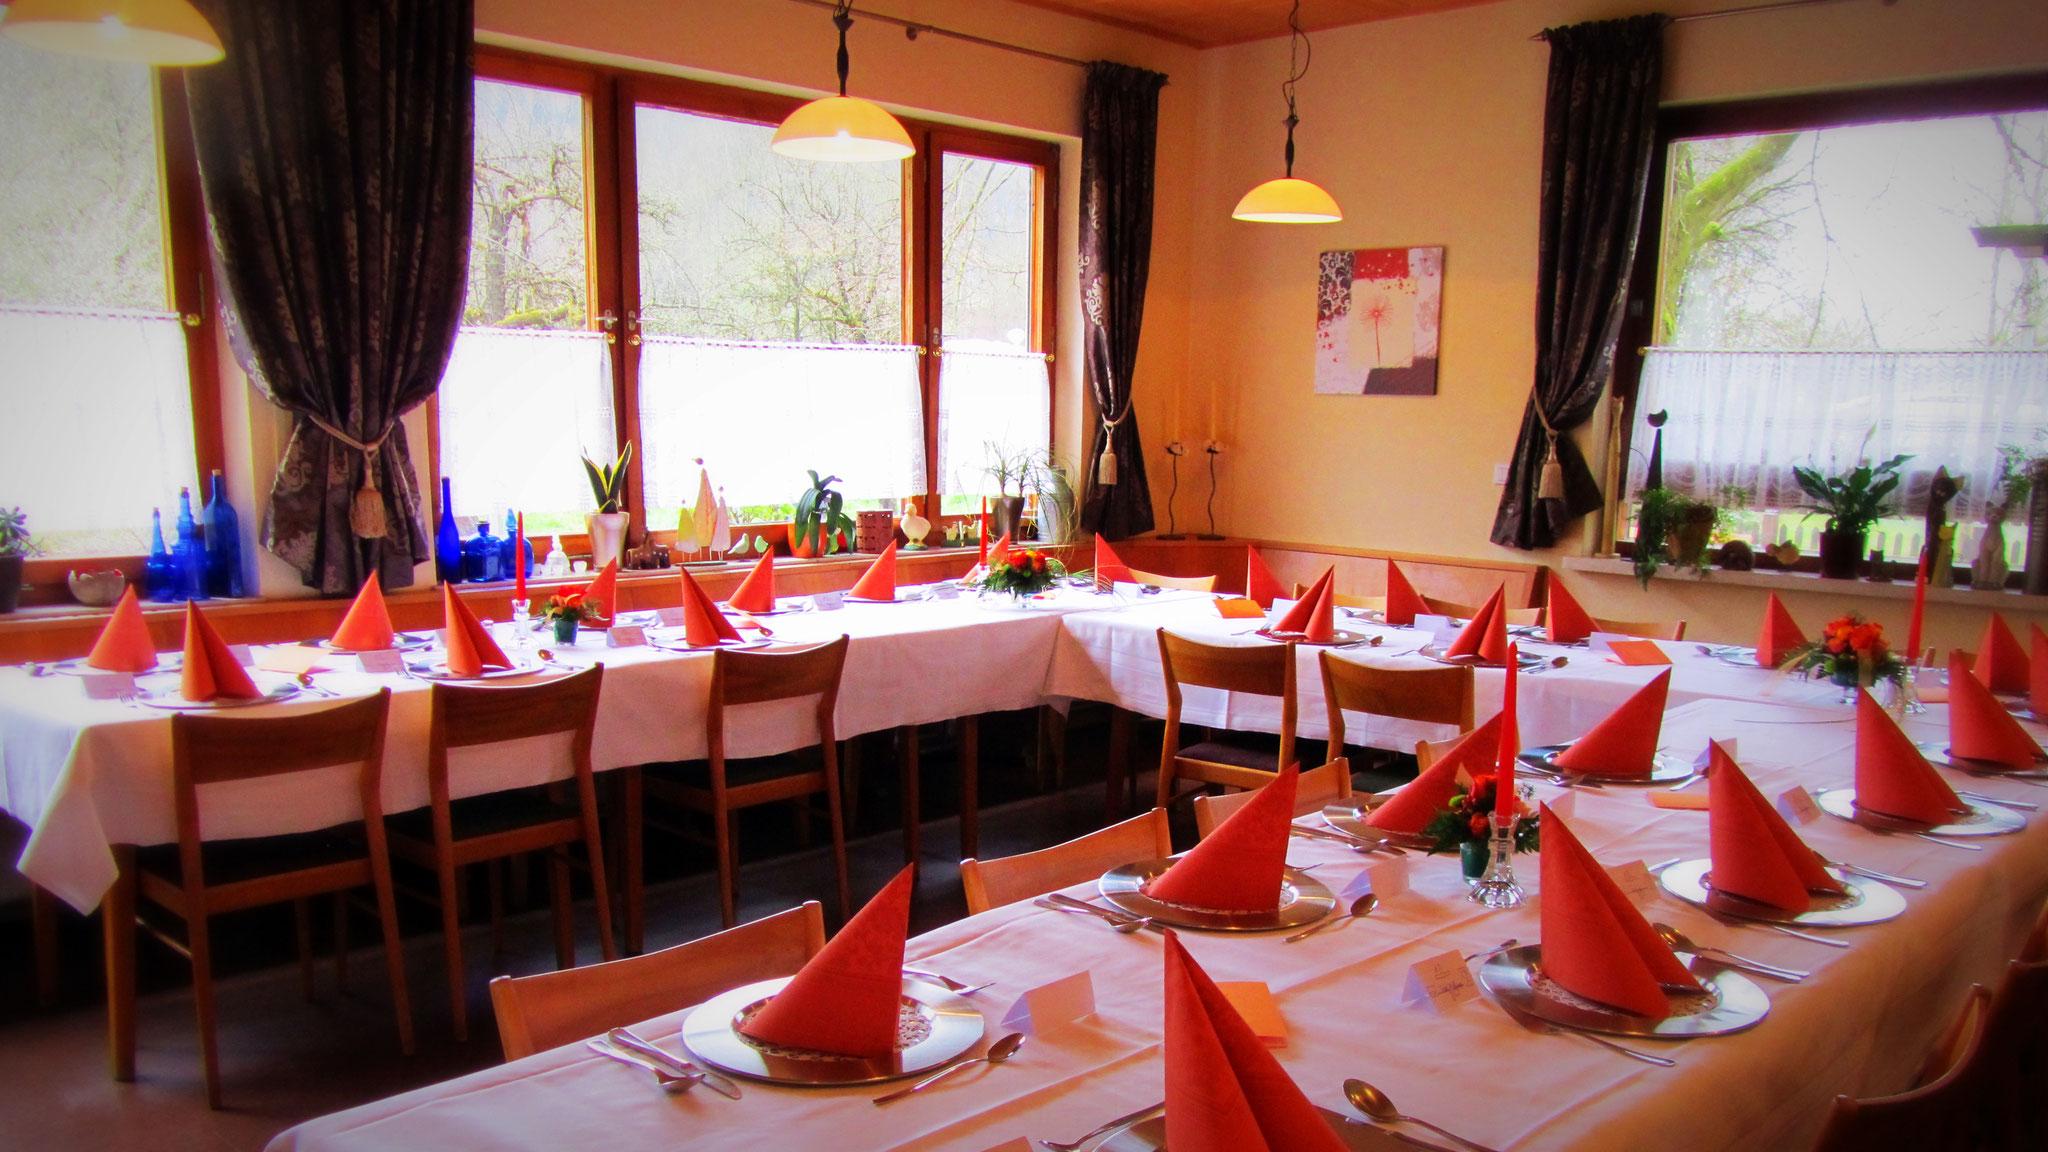 Unser Nebenraum für jede Feierlichkeit im Landgasthof Bieger Ebermannstadt.